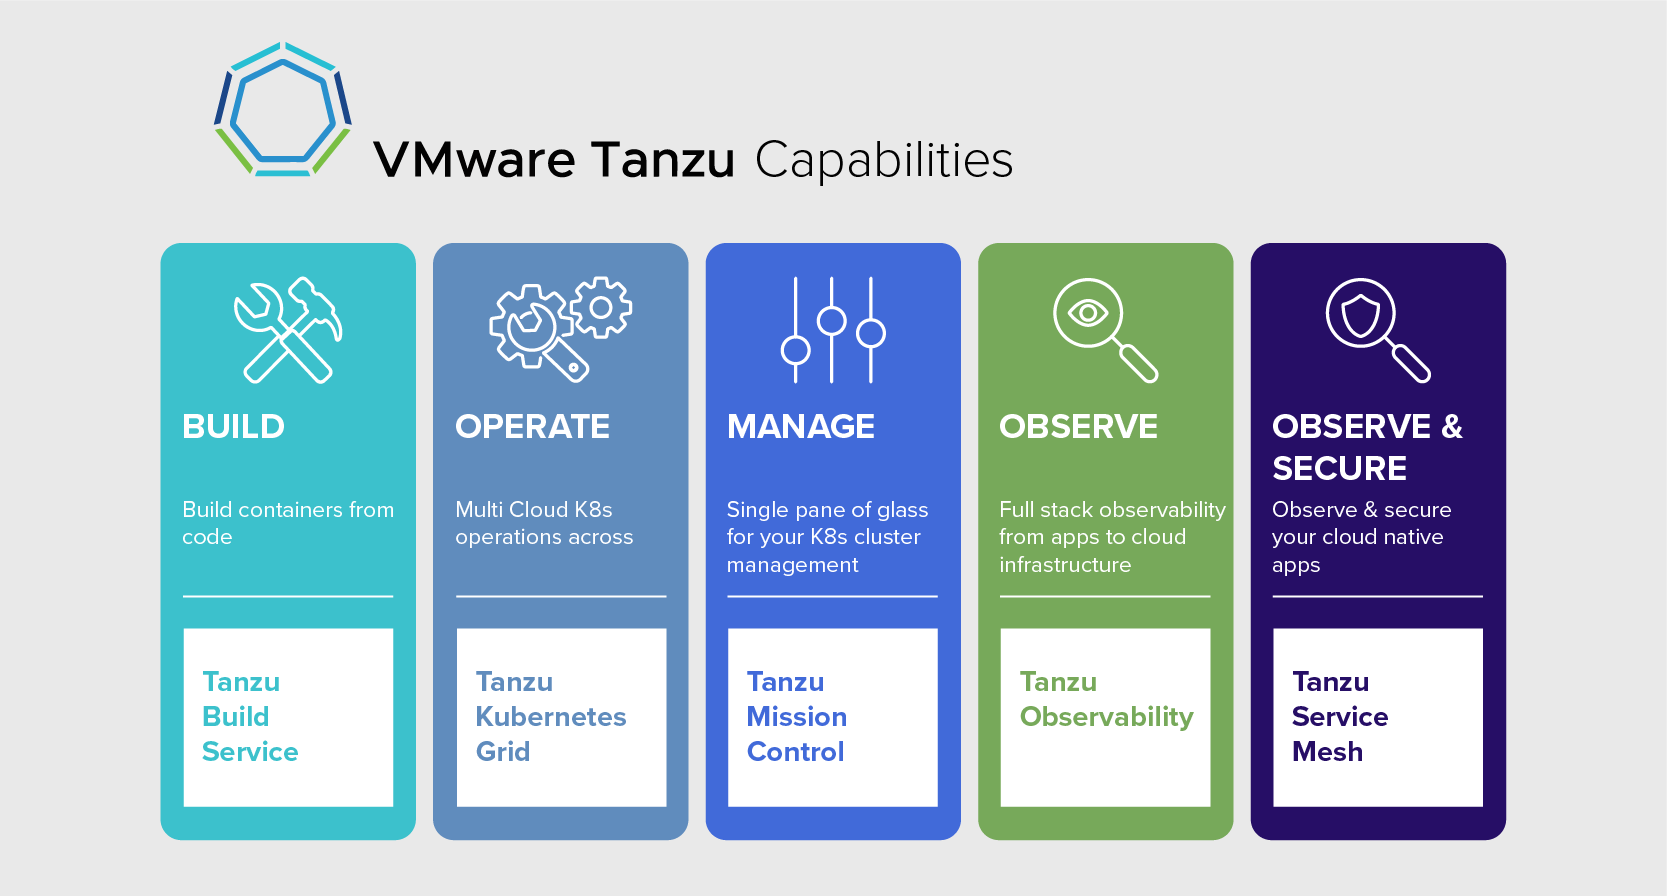 VMware-tanzu-capabilities